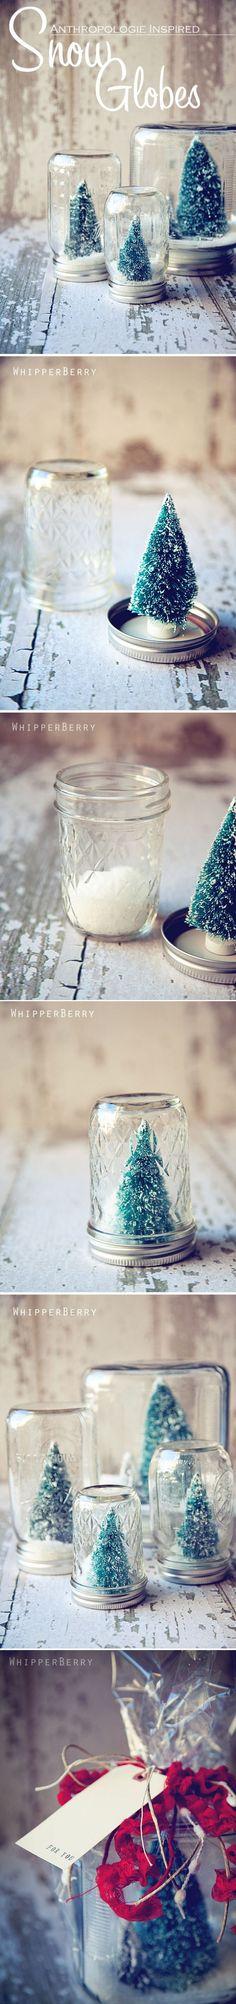 Inspirerend | Lieve mini kerstboompjes. Erg leuke kadootjes Door mireilledejong